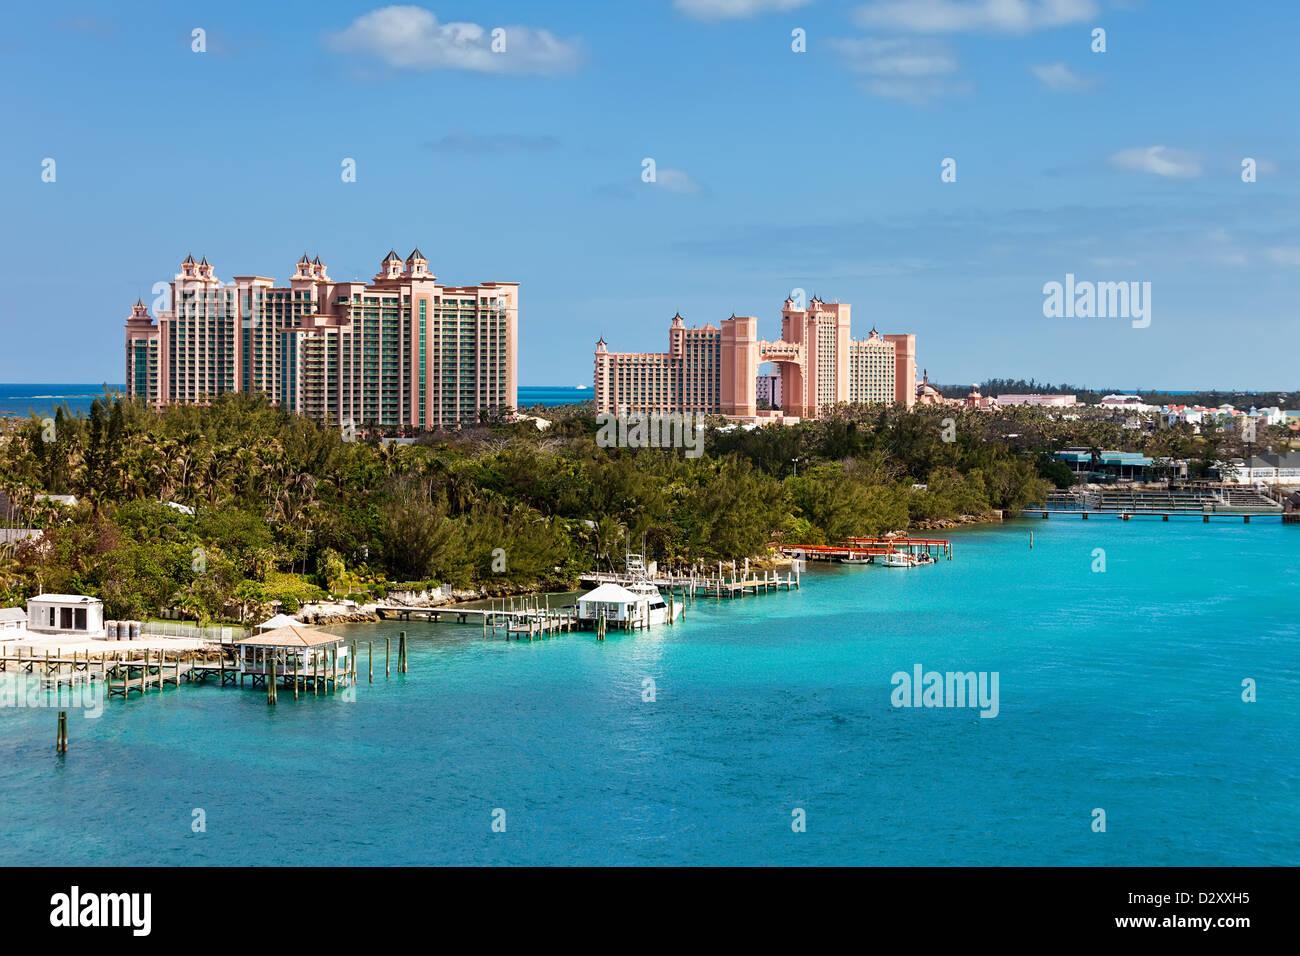 View of Paradise Island in Nassau, Bahamas - Stock Image